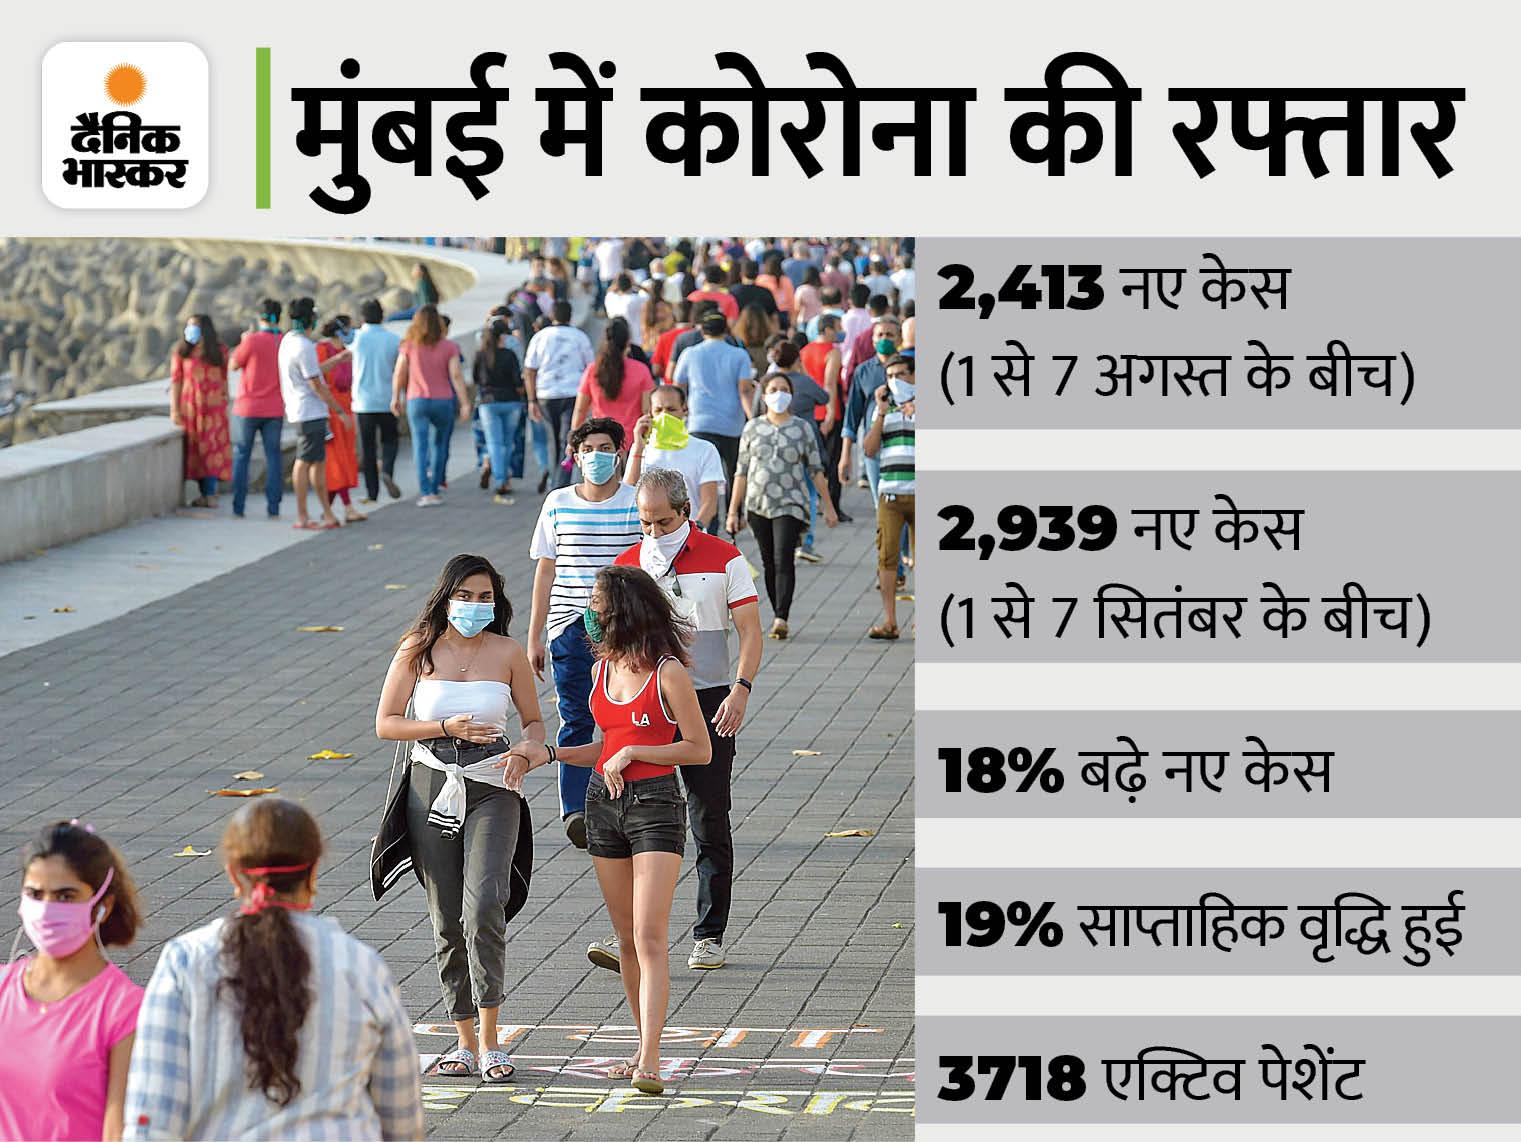 अगस्त की तुलना में सितंबर के पहले हफ्ते में कोरोना के 18% ज्यादा केस मिले, गणेश पंडालों में भक्तों की एंट्री बैन; नागपुर में दुकानों का समय बदला|महाराष्ट्र,Maharashtra - Dainik Bhaskar